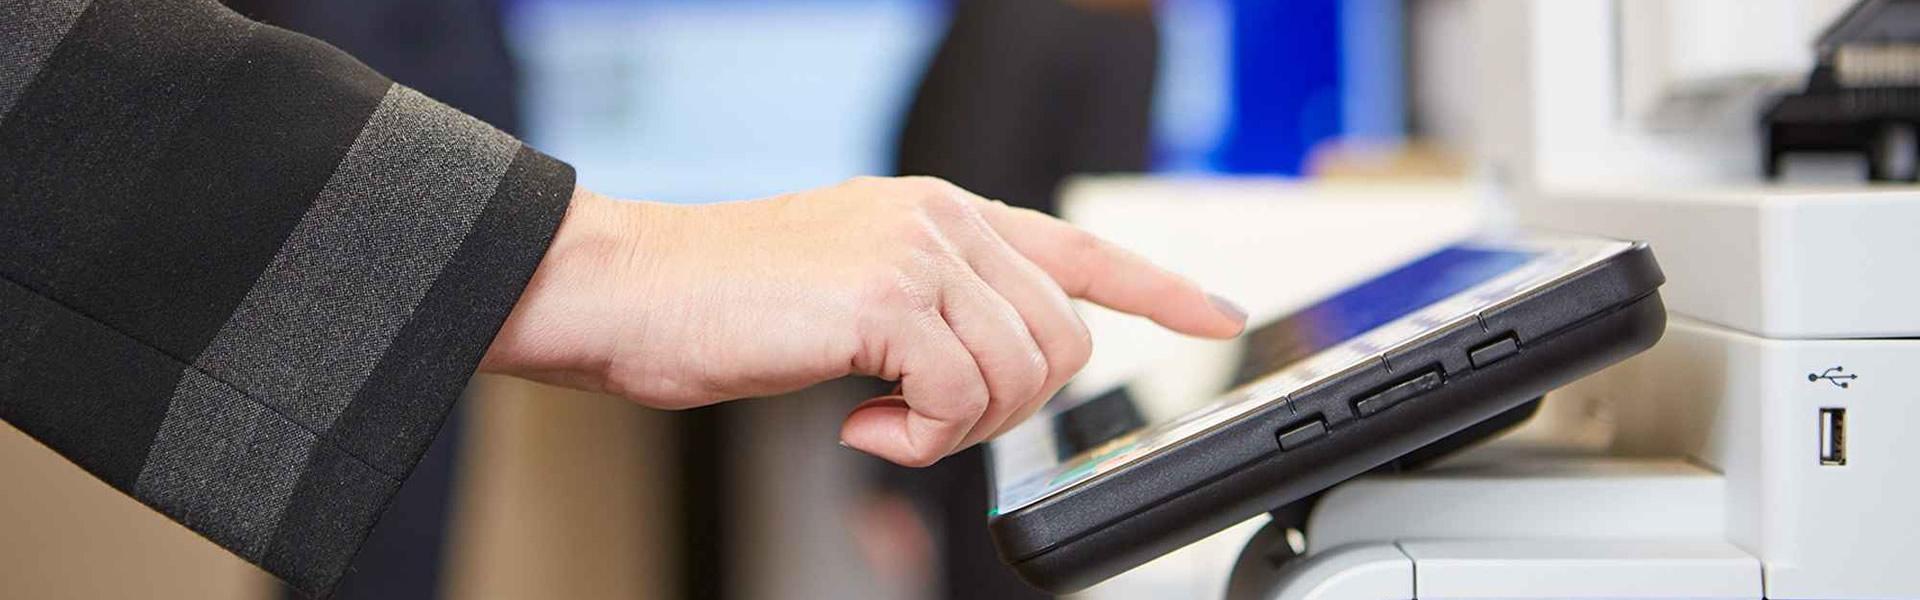 Control absoluto en impresión, copiado, escaneado y fax